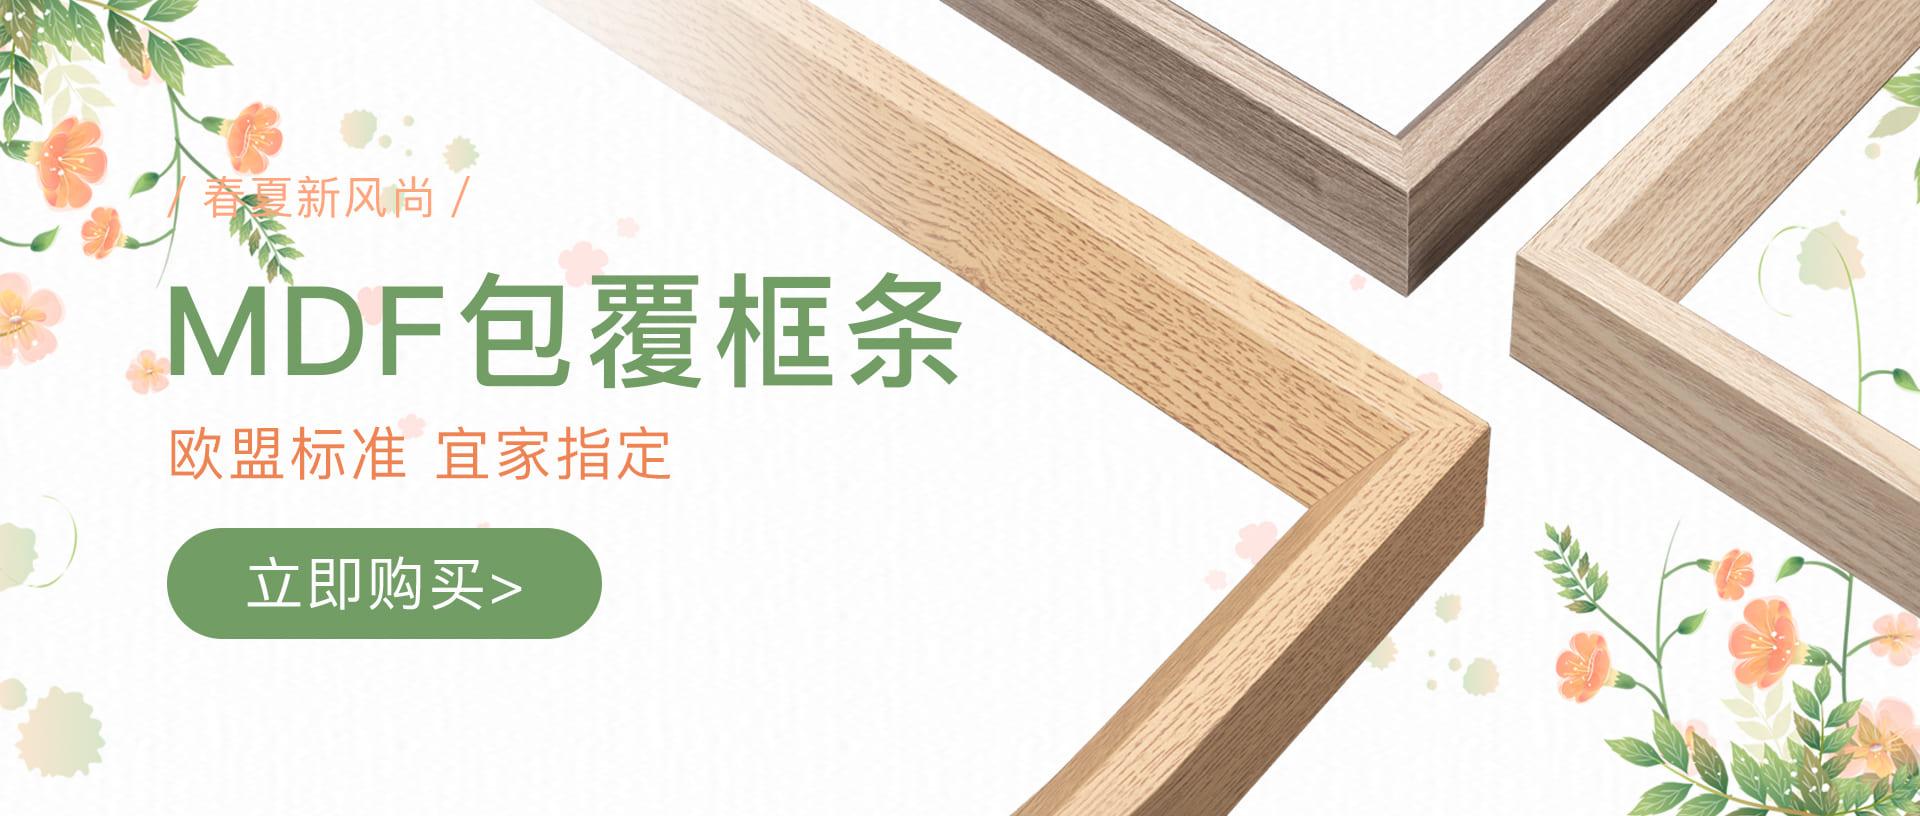 绿林高MDF包覆框条banner